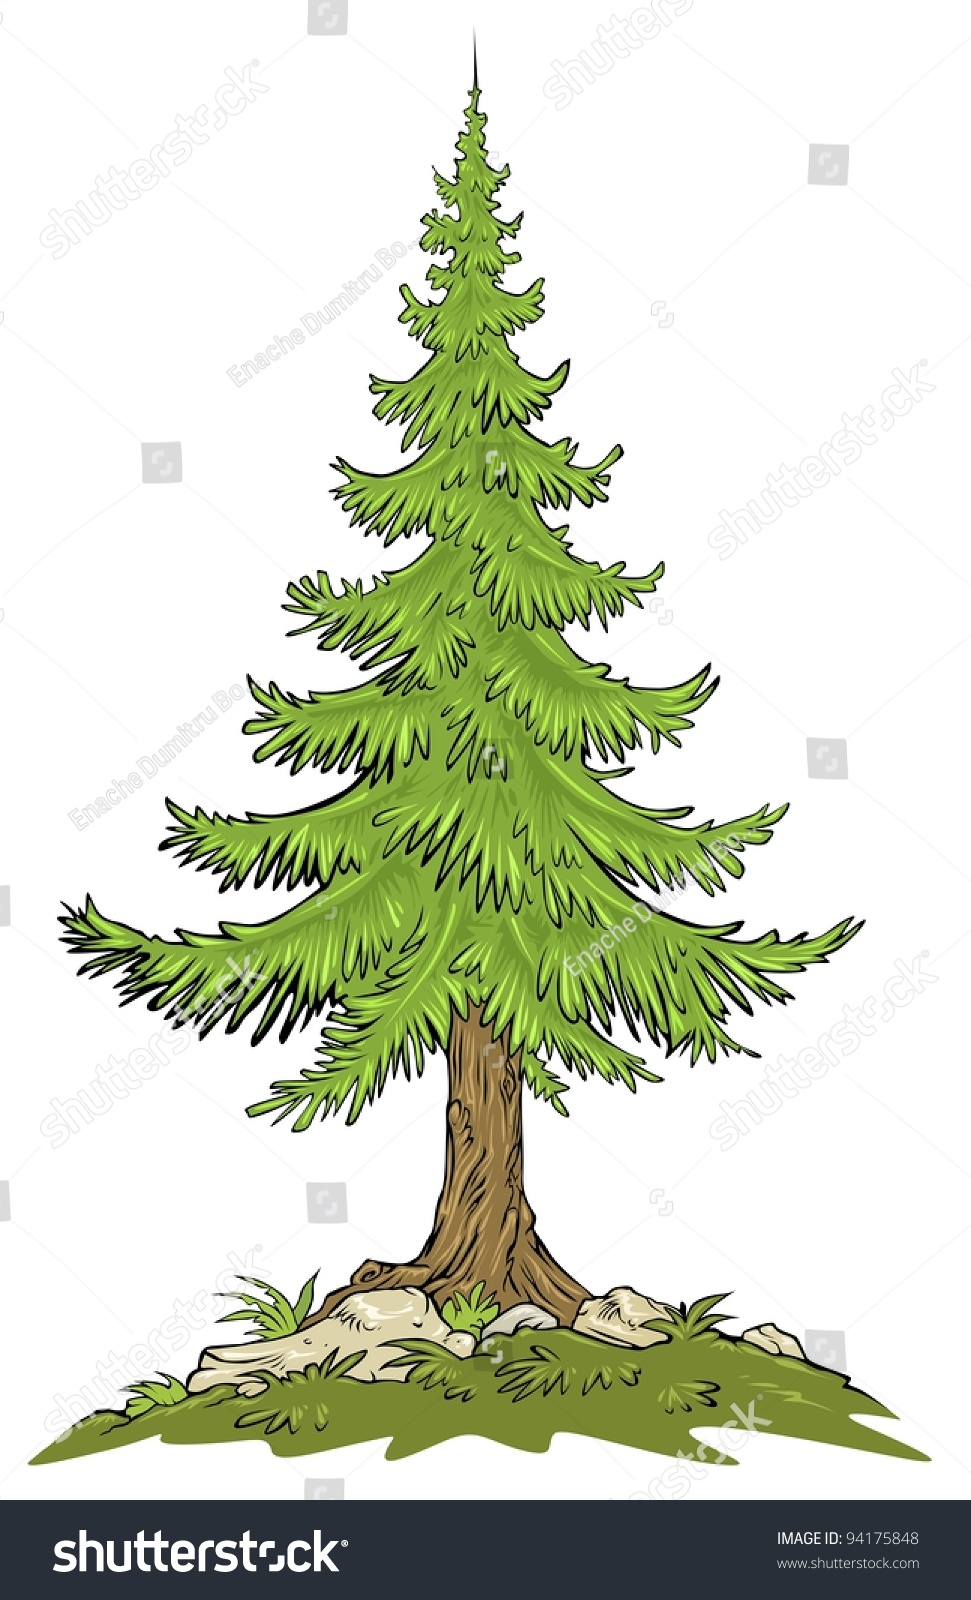 fir tree cartoon clip art stock vector 94175848 shutterstock